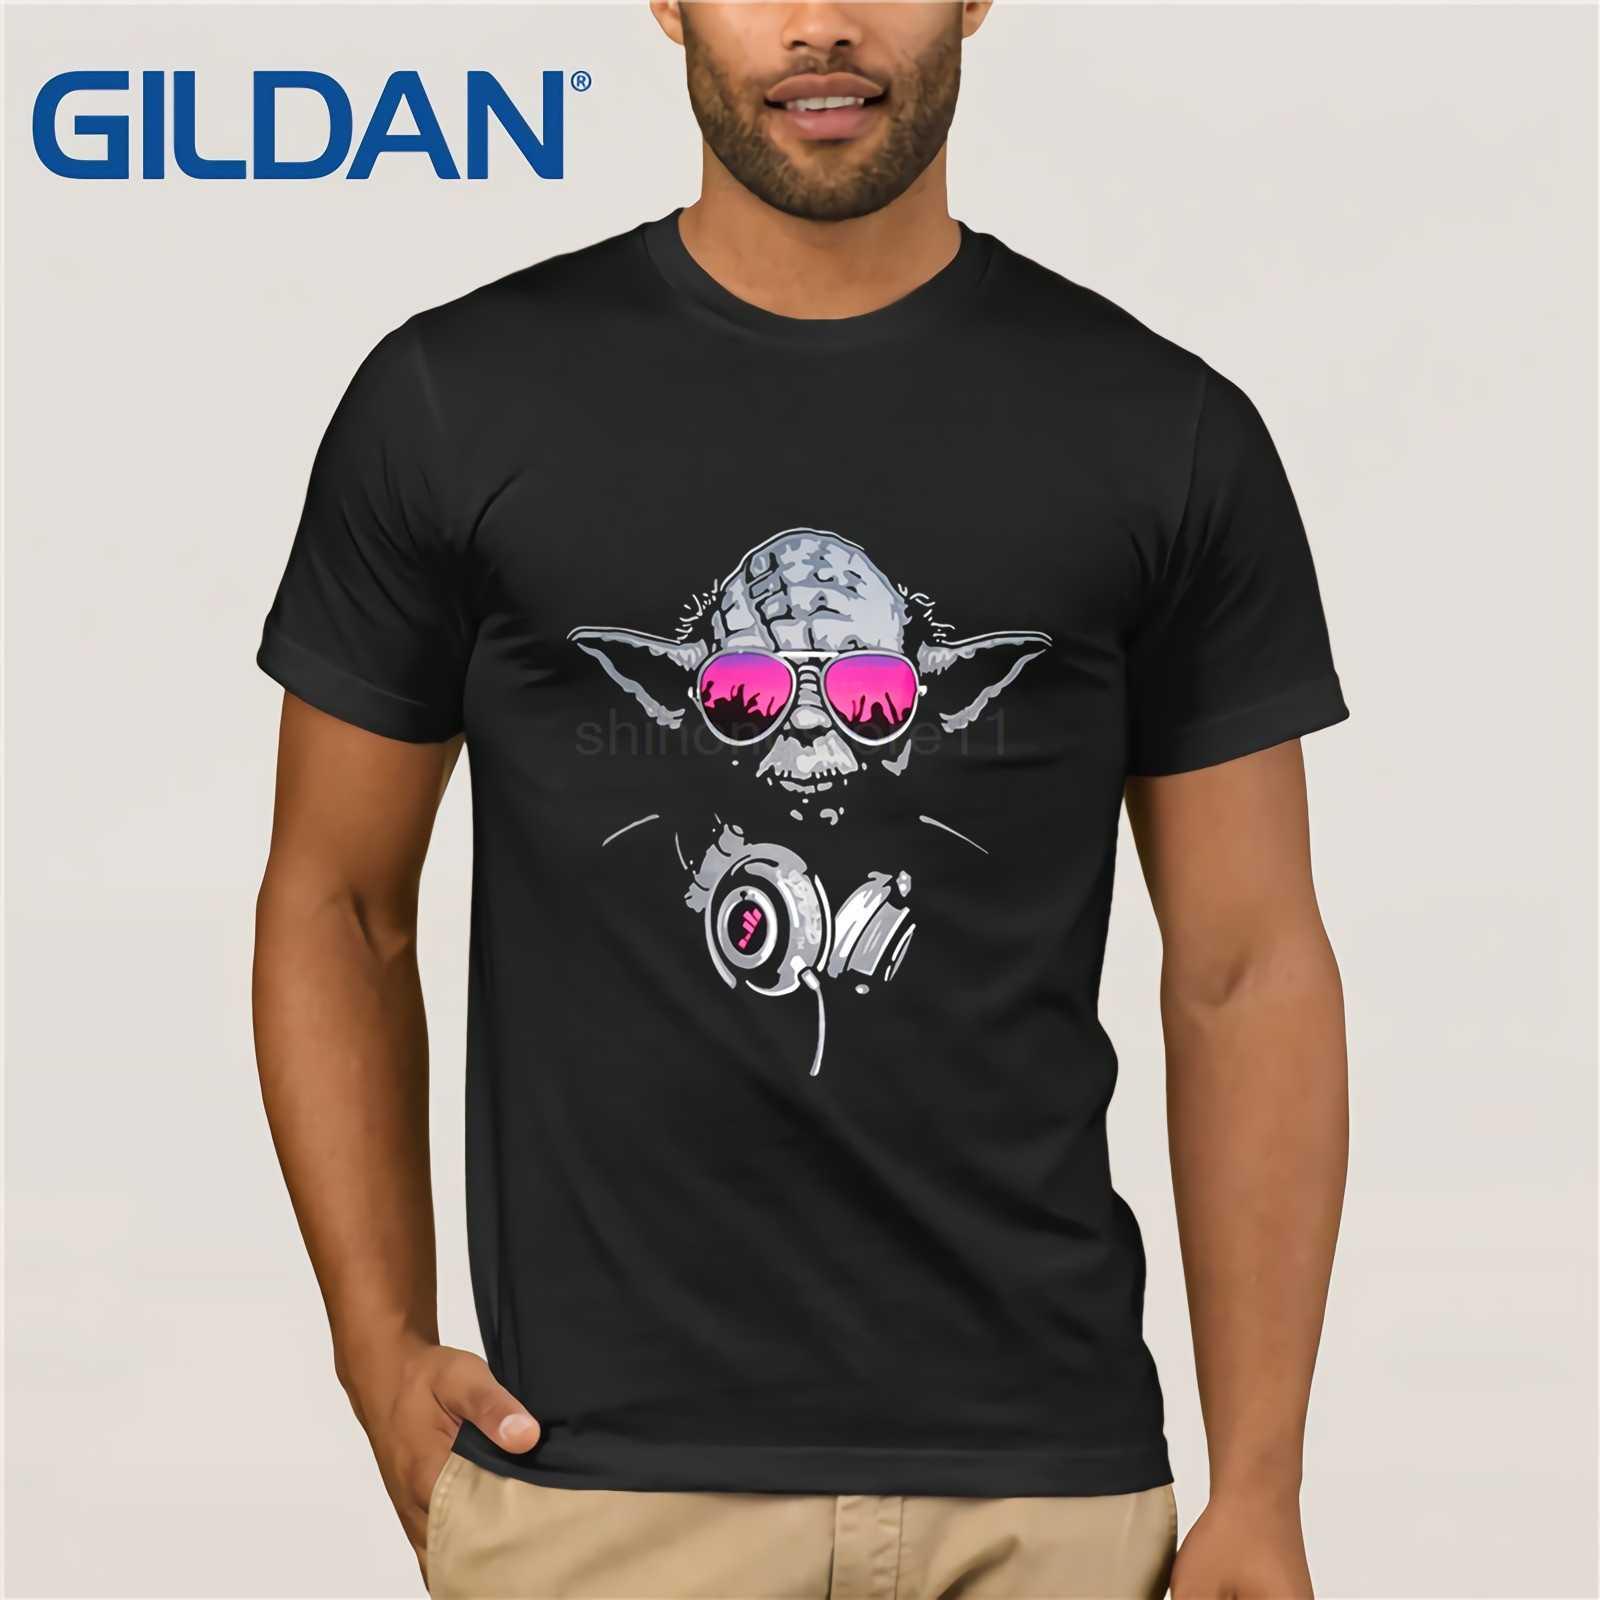 2d443c9fa72aa 2019 Новая мода дартворк дизайн мужская футболка с коротким рукавом хипстер  Звездные войны Топы Дарт король